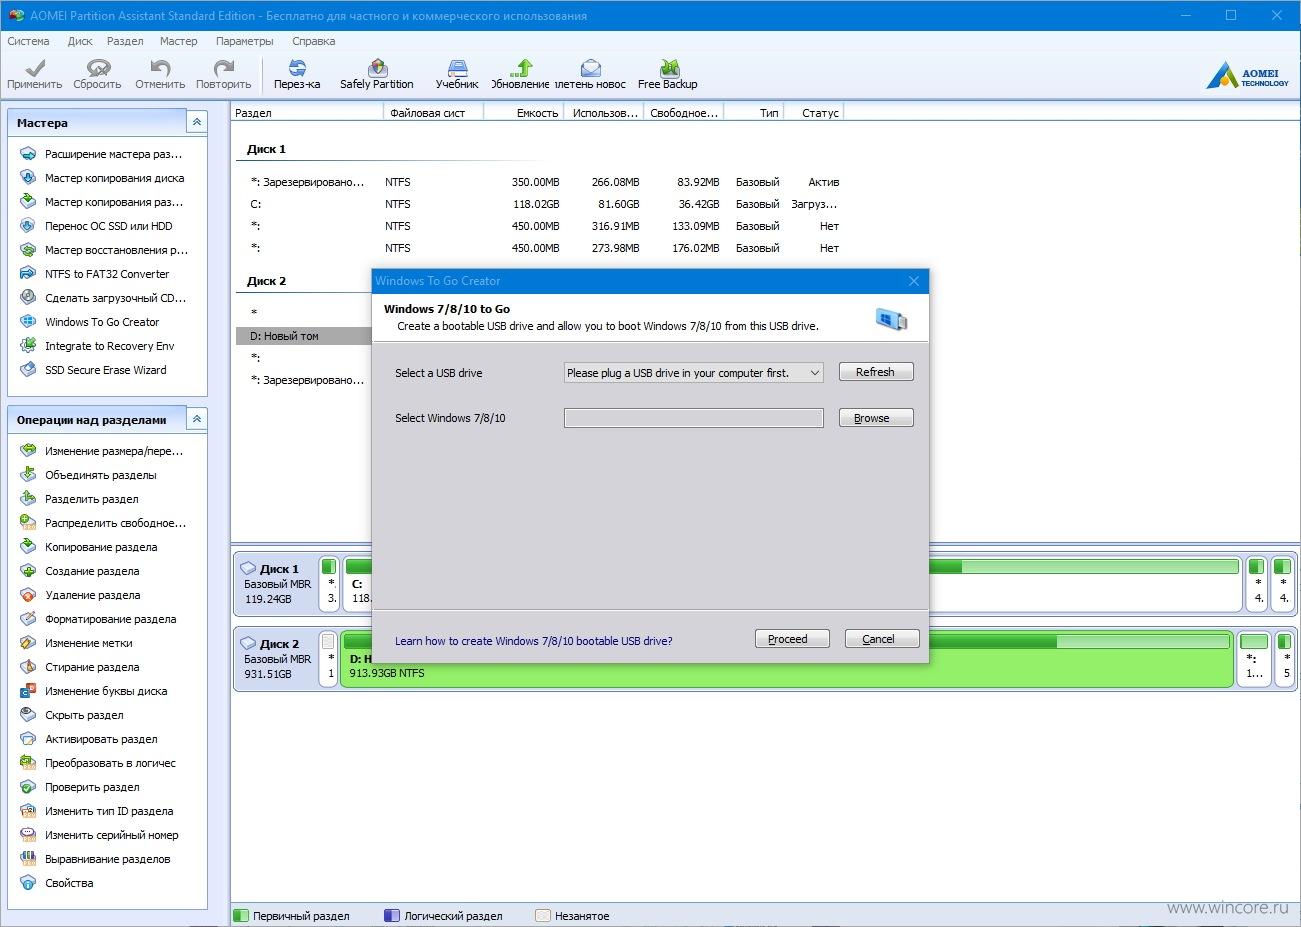 Как сделать загрузочный диск и флешку Windows 7, 8.1, 10 19